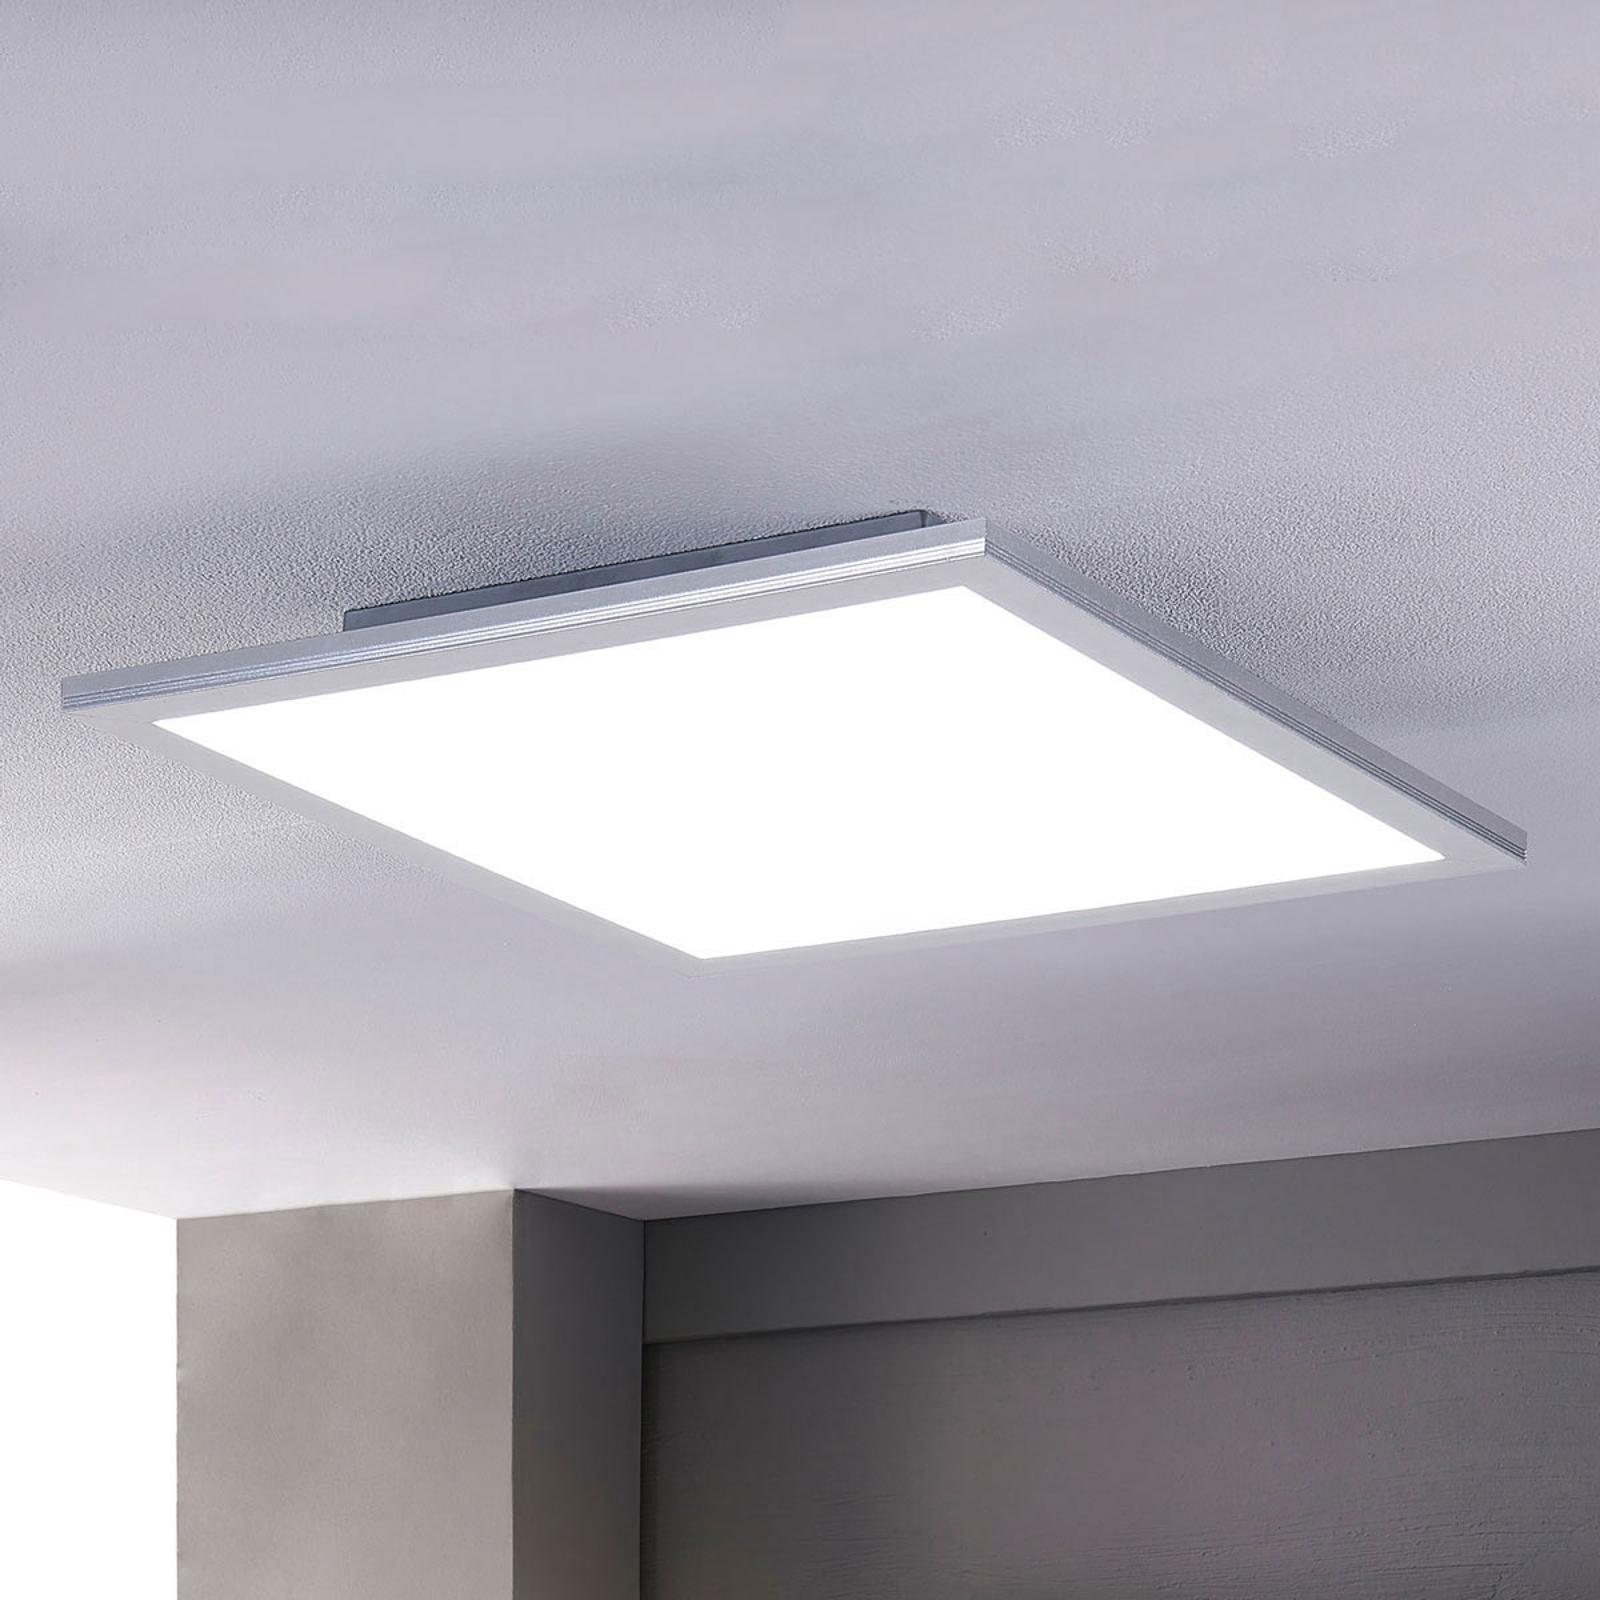 Acquista Lindby Livel pannello LED CCT 62 cm x 62 cm